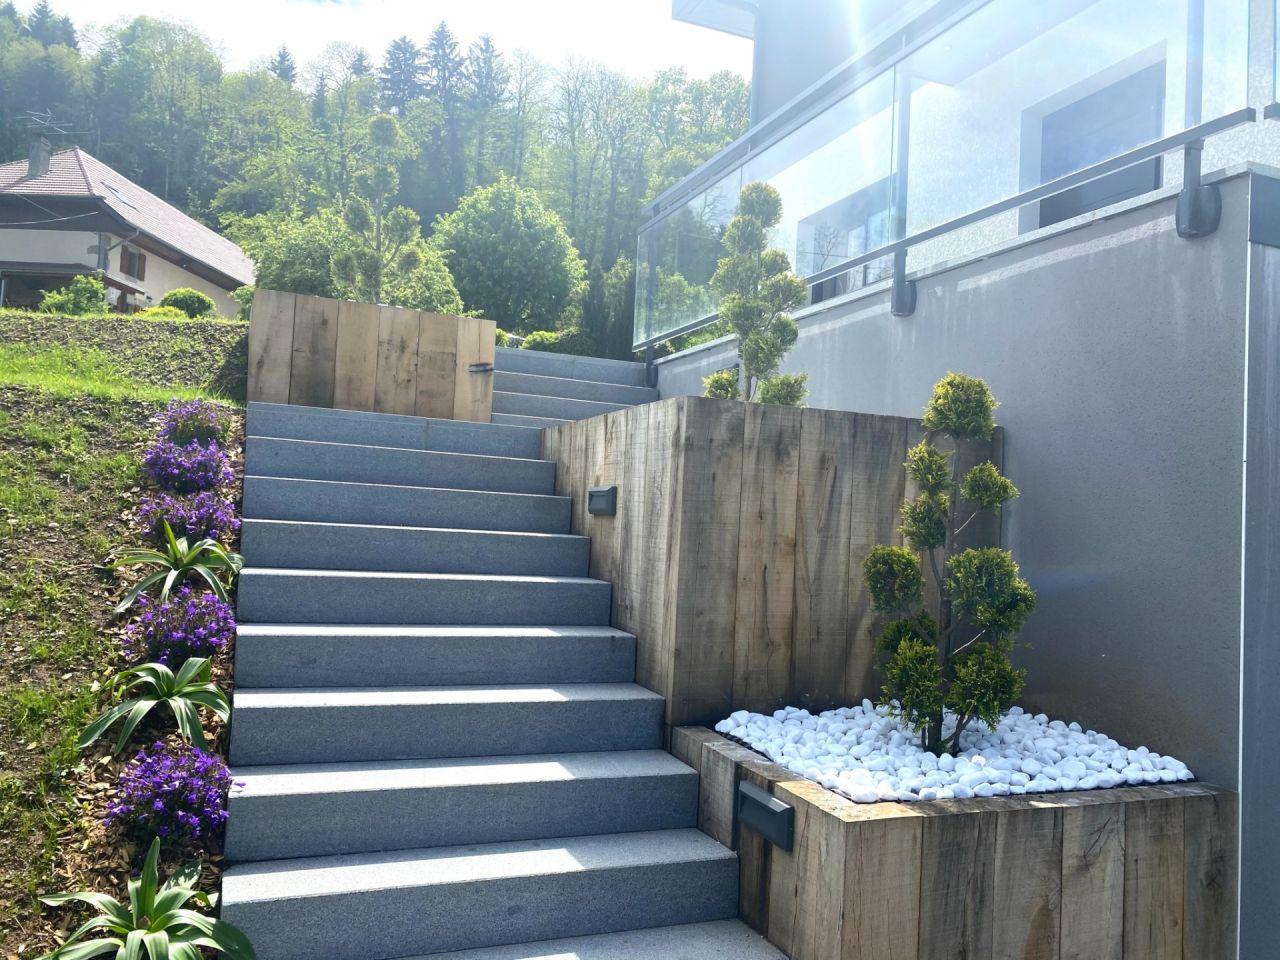 Escalier paysagé dans son ensemble, avec les cyprès de Leyland, les campanules et les allium